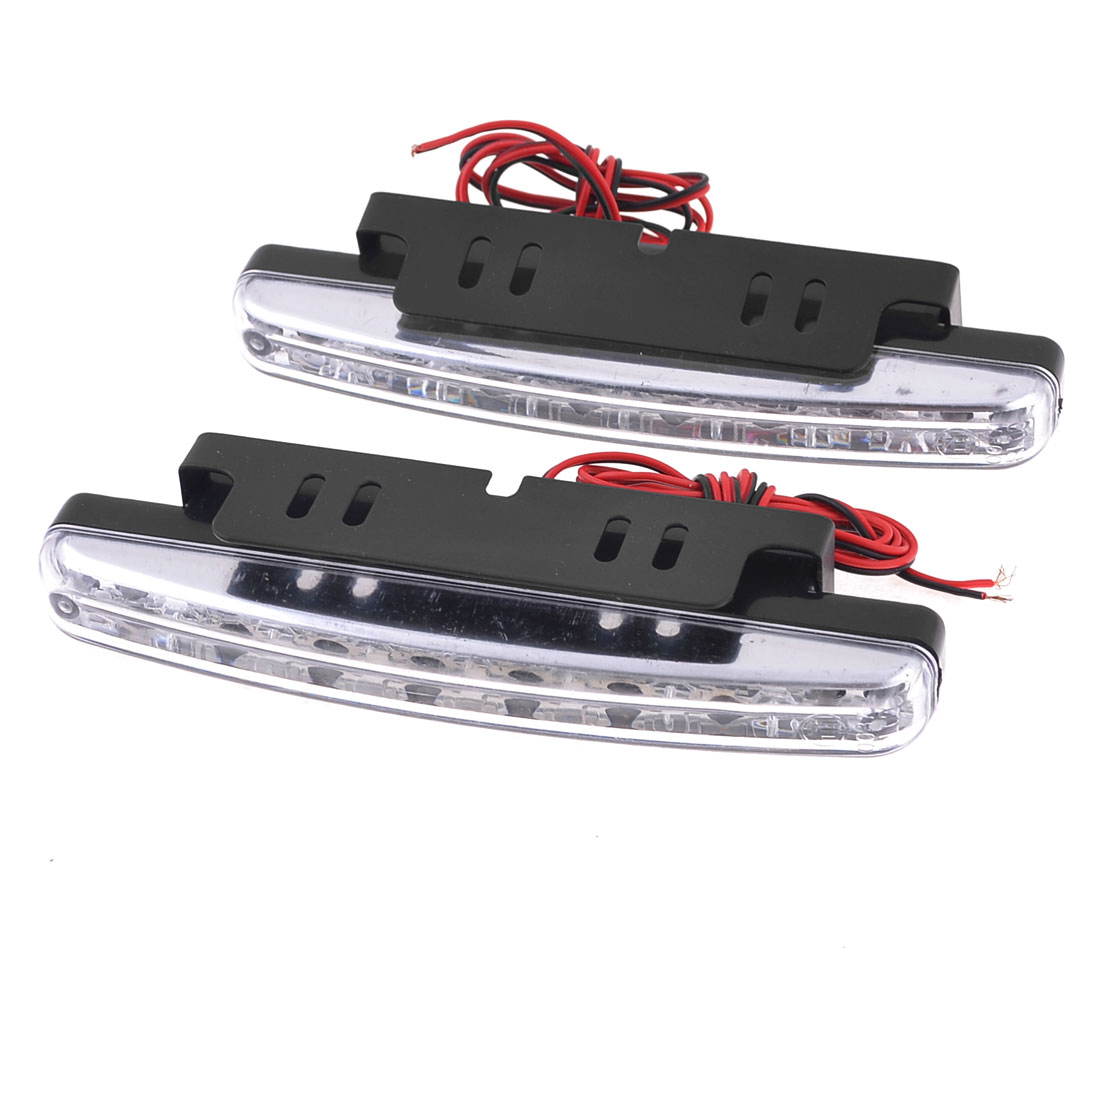 2 Pieces White 8 LED DRL Daytime Running Light Lamp DC 12V for Car